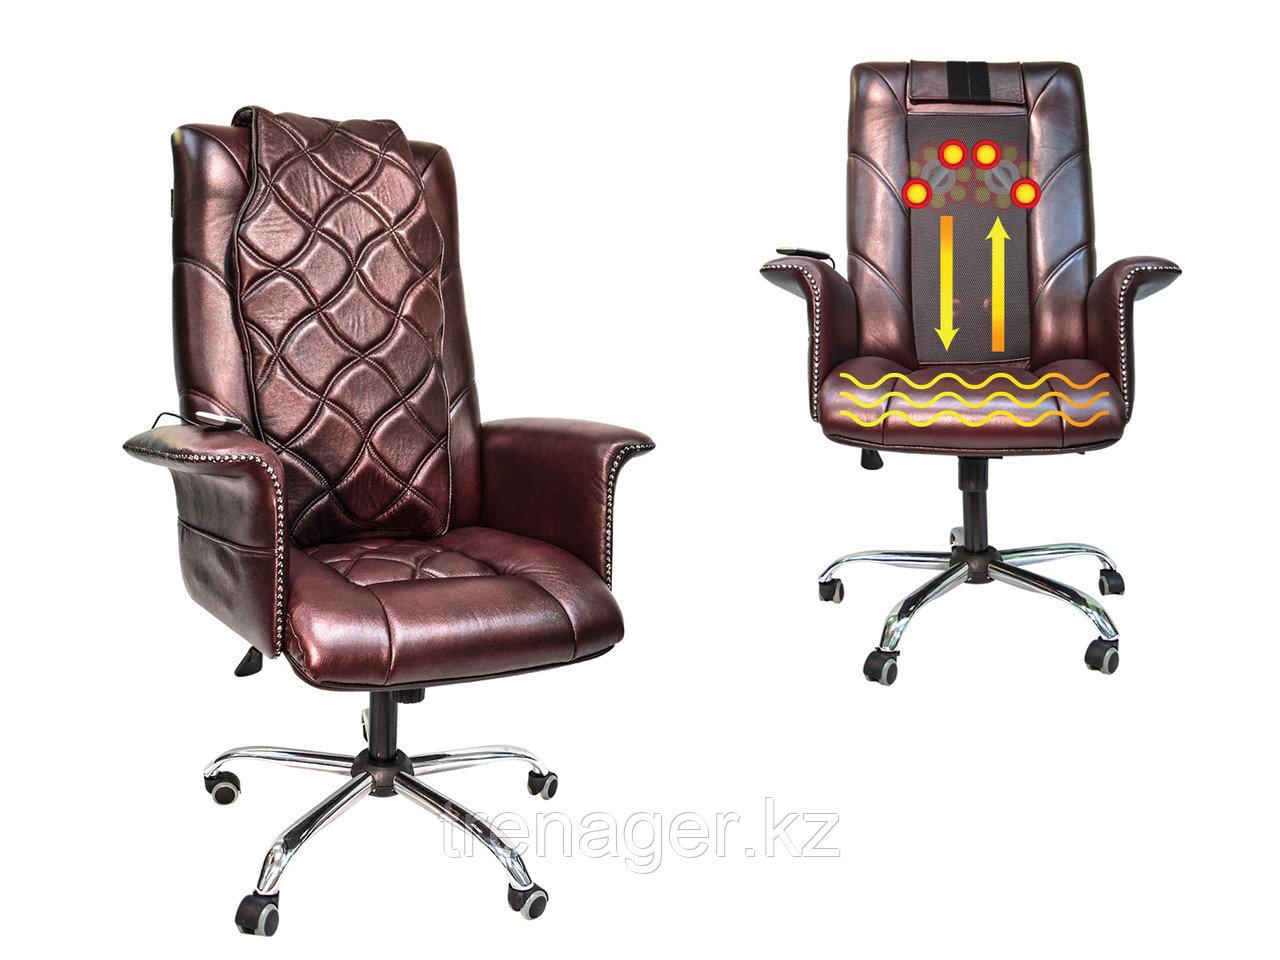 Офисное массажное кресло EGO PRIME V2 EG1003 модификации PRESIDENT XXL